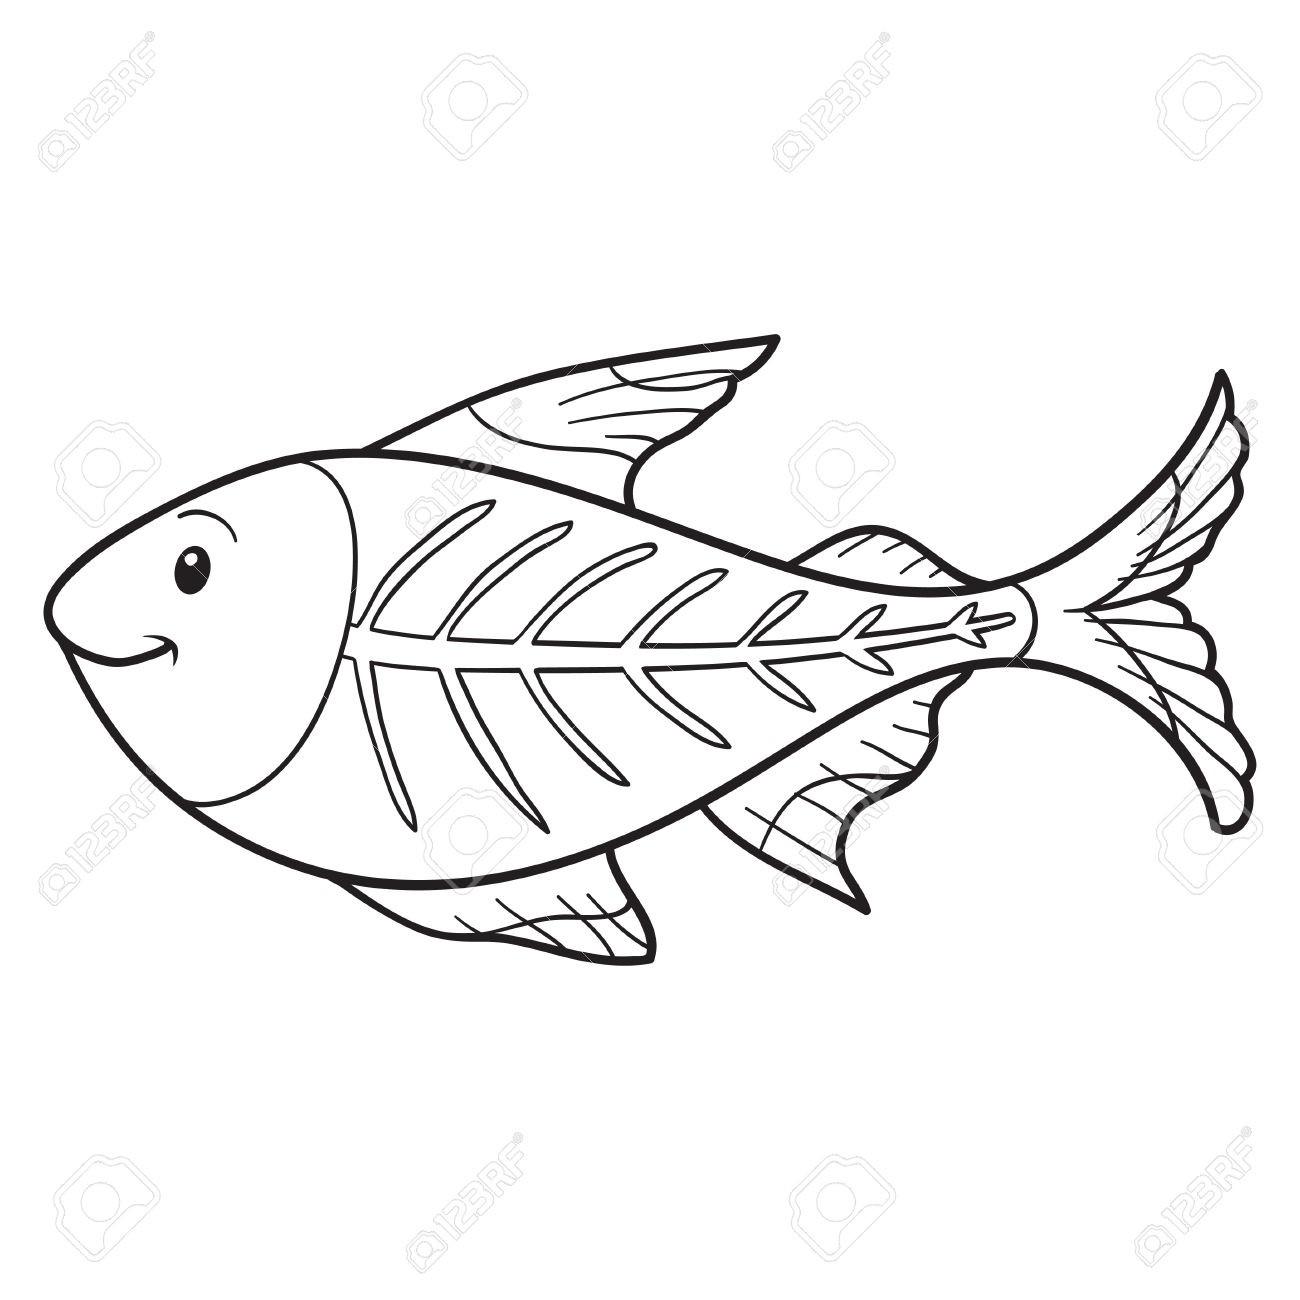 X Ray Fish Drawing At Getdrawings